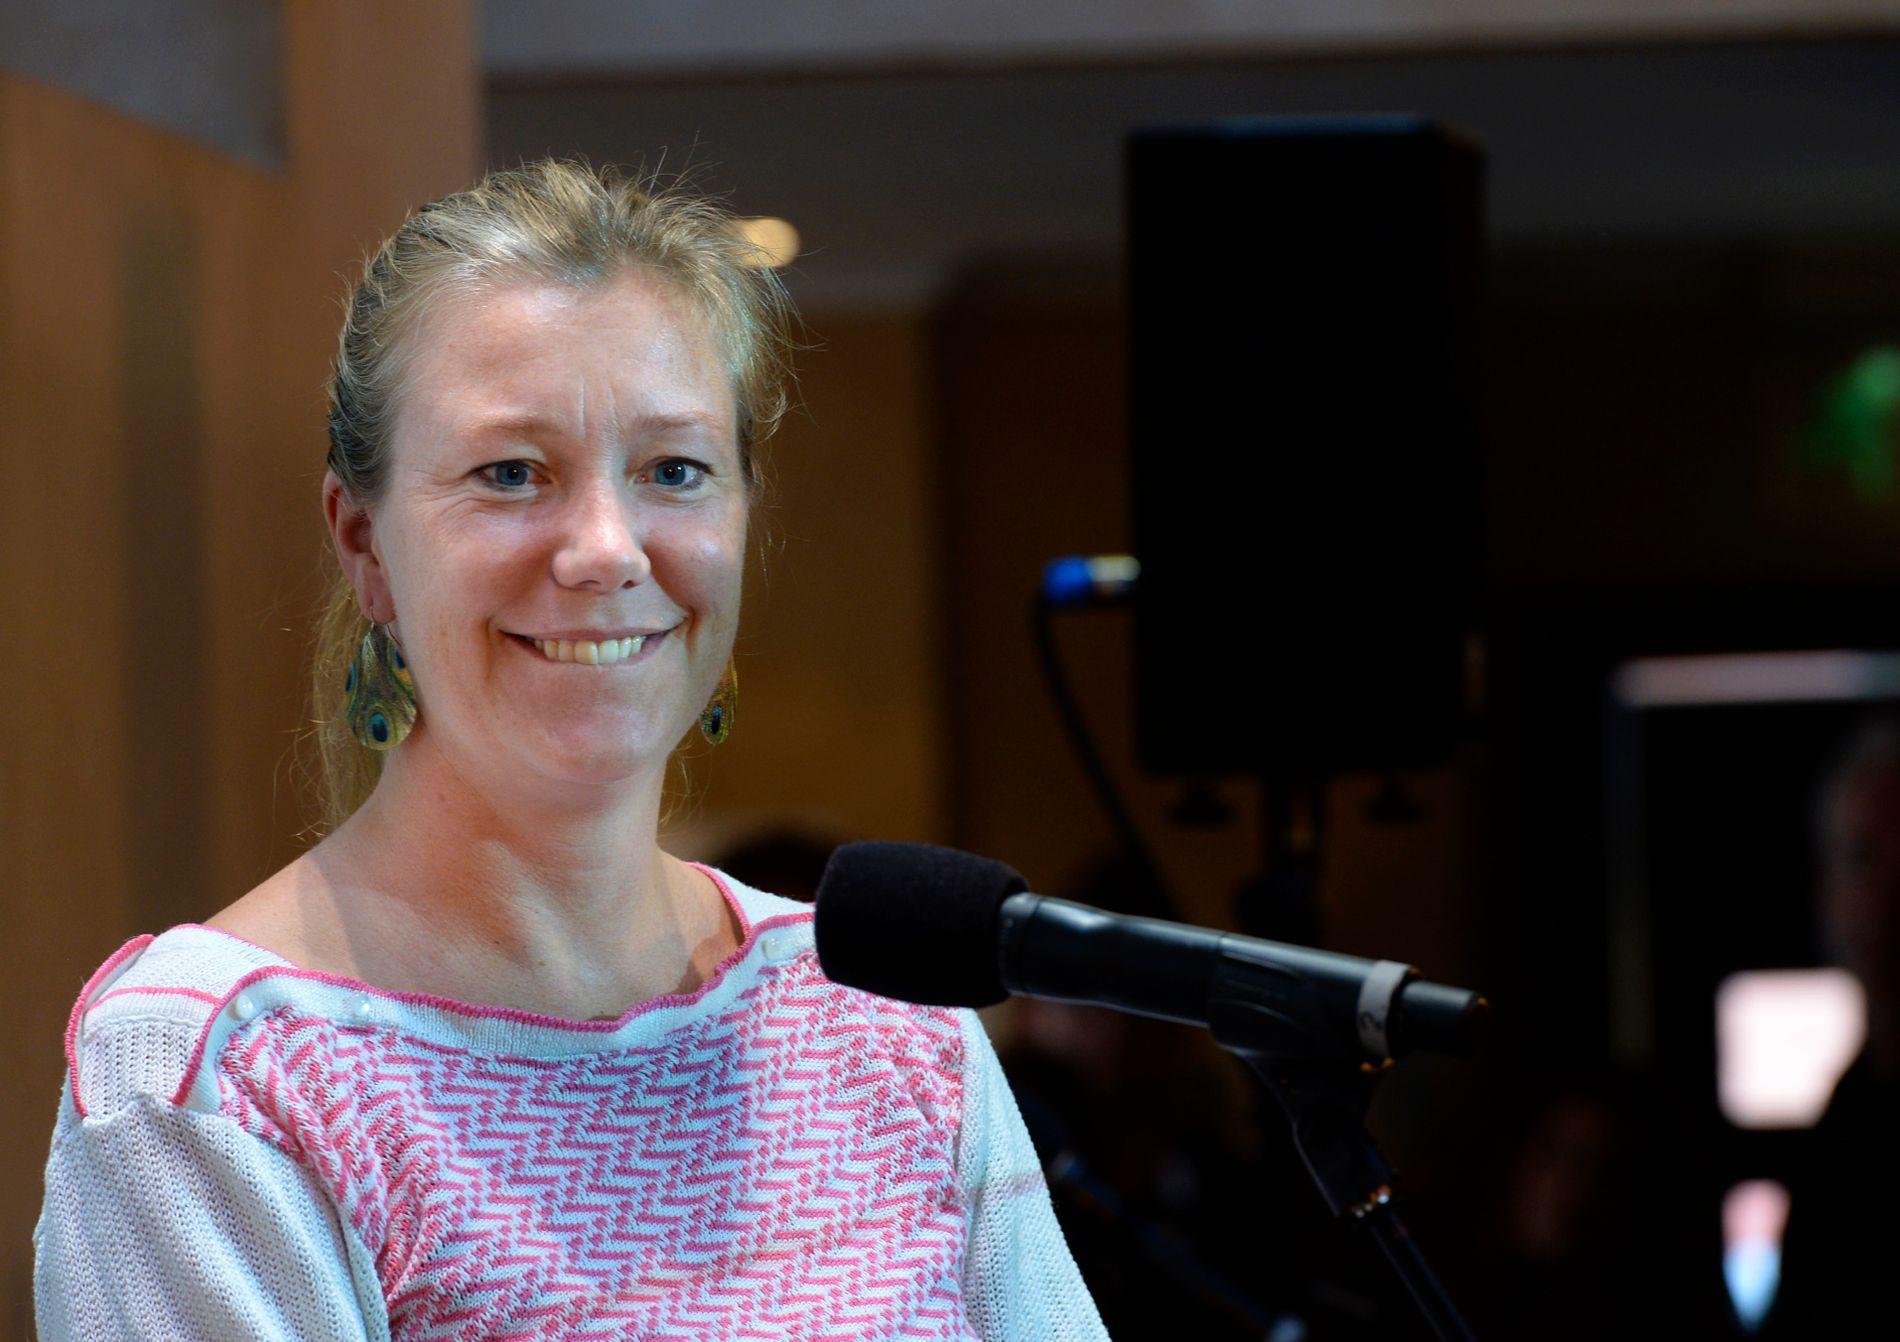 BERØRER FORTSATT: Vera Micaelsen skrev helt frem til sin død. Hun fikk livmorhalskreft med spredning i 2014, og i 2017 kom kreften tilbake.